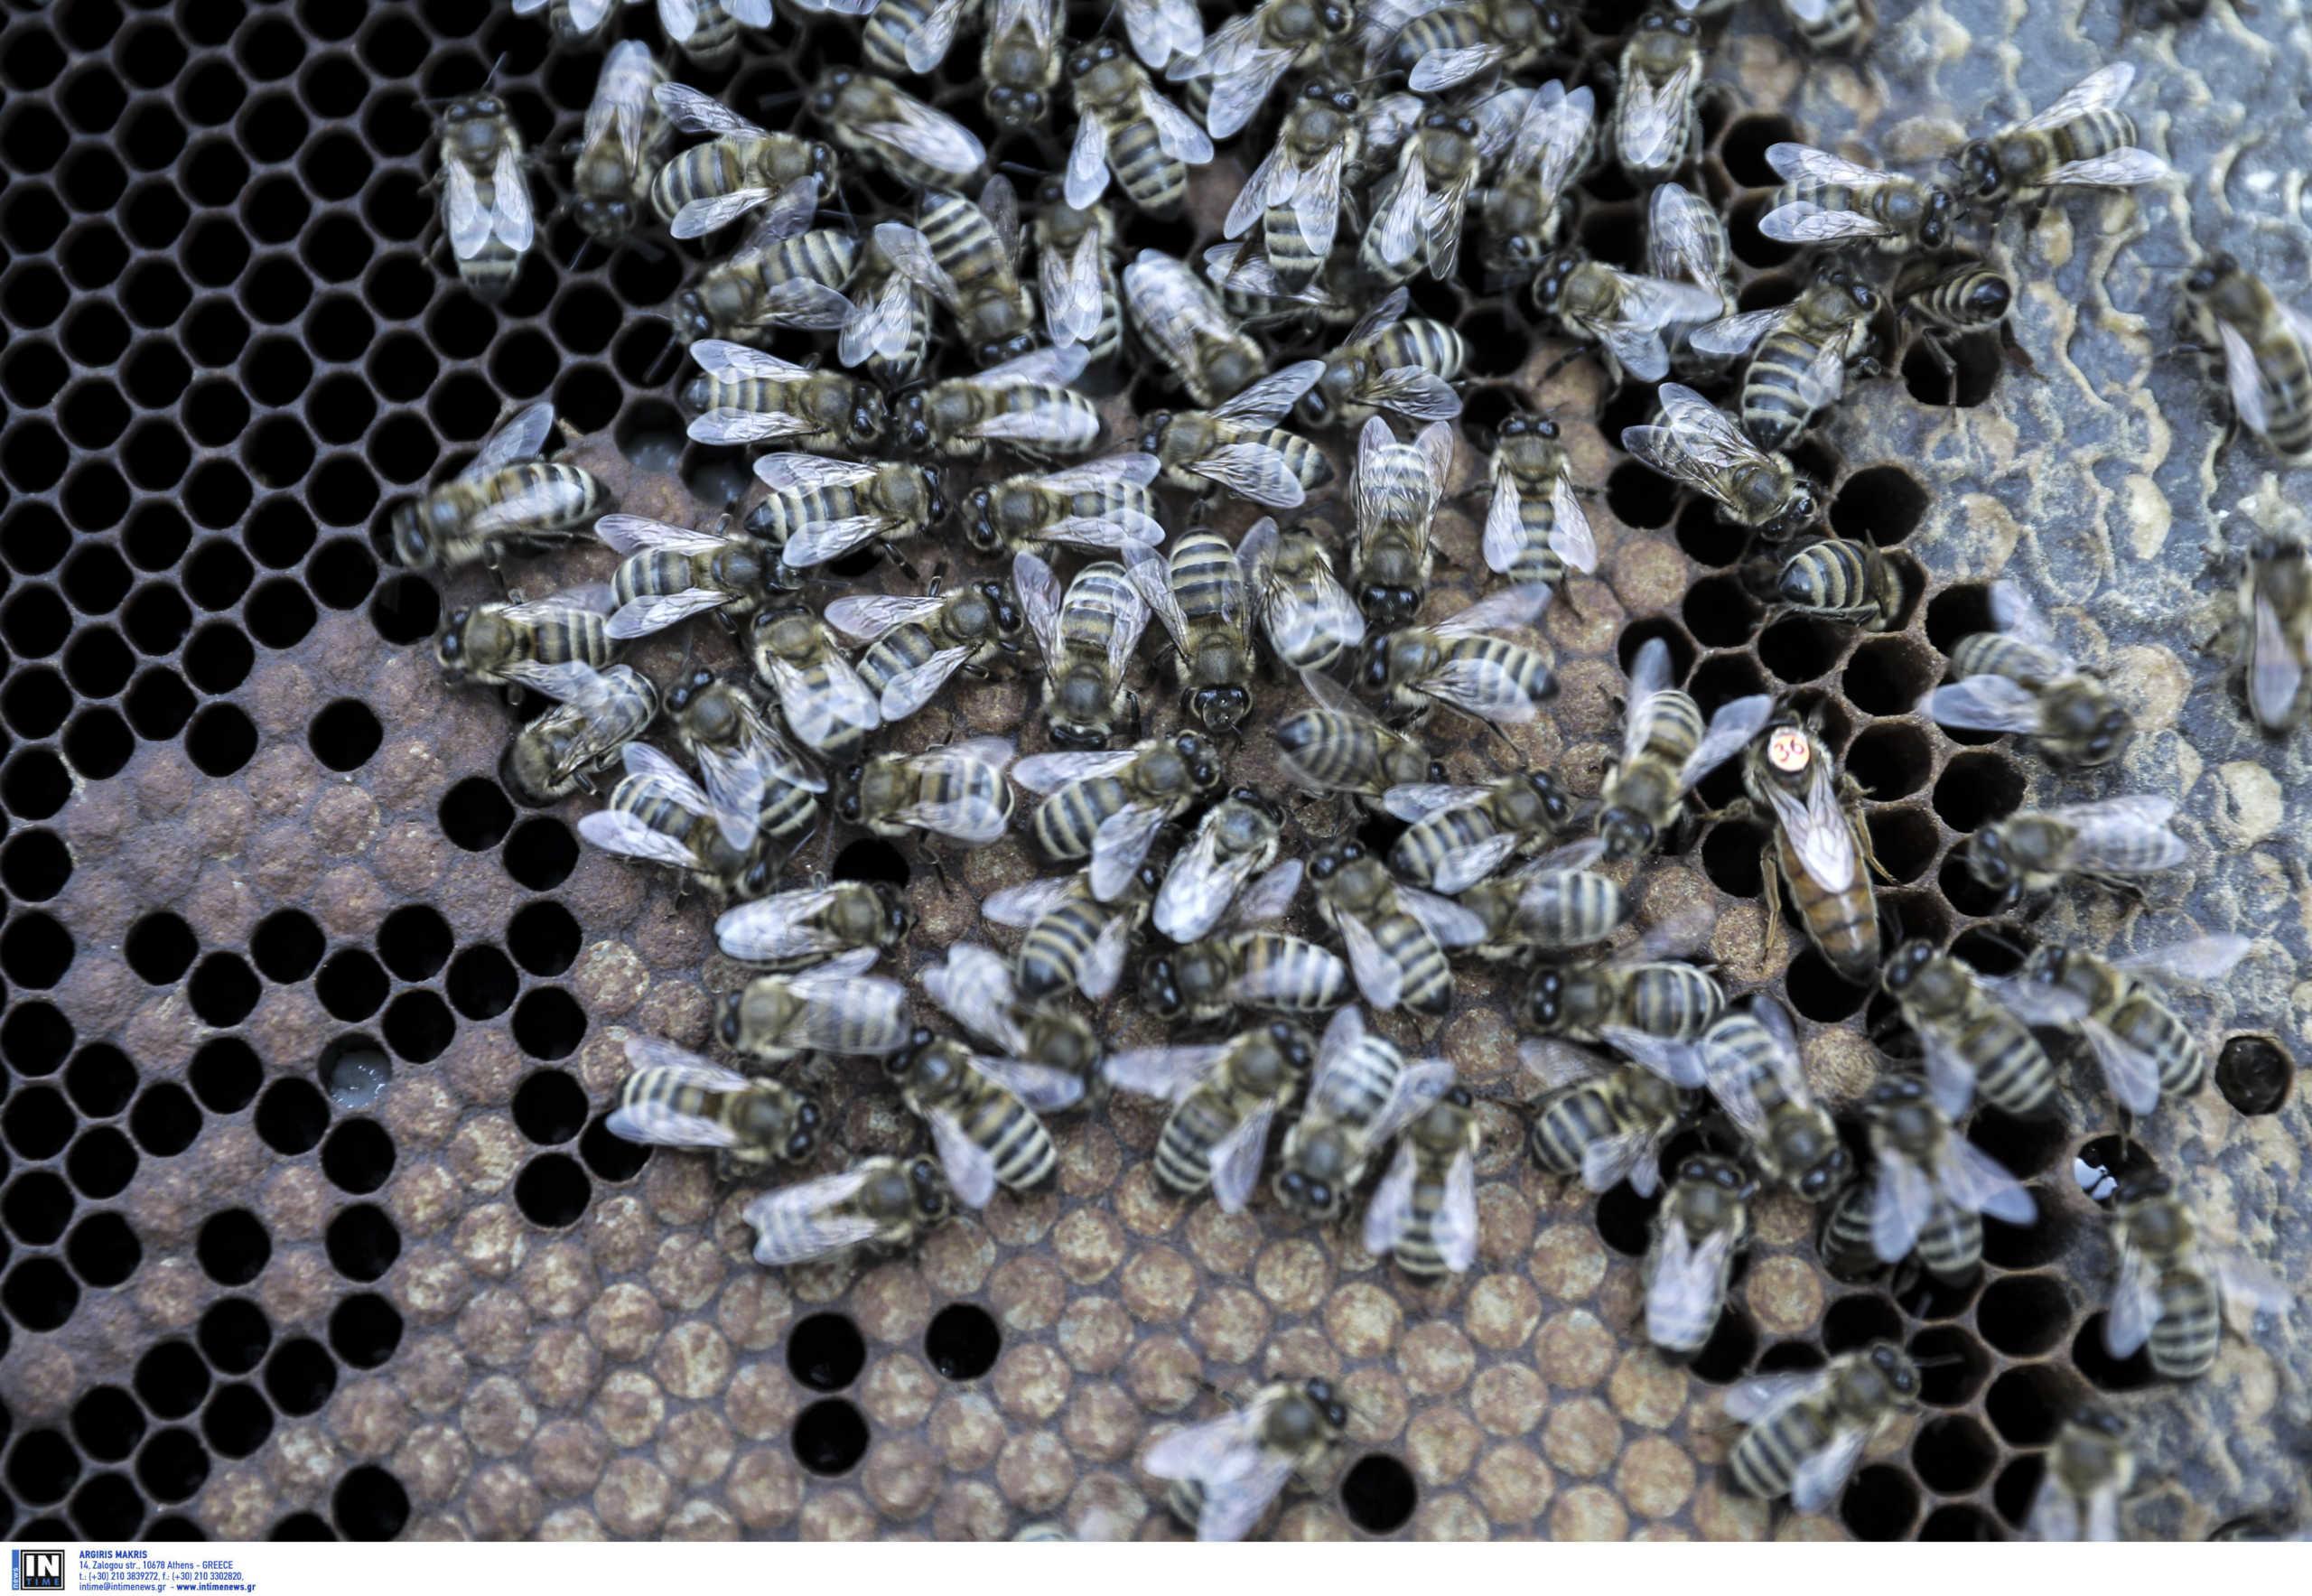 Ηλεία: Ρισκάρει τη ζωή του για να ένα απίστευτο βίντεο! Ο μελισσοκόμος τους άφησε άναυδους (Βίντεο)